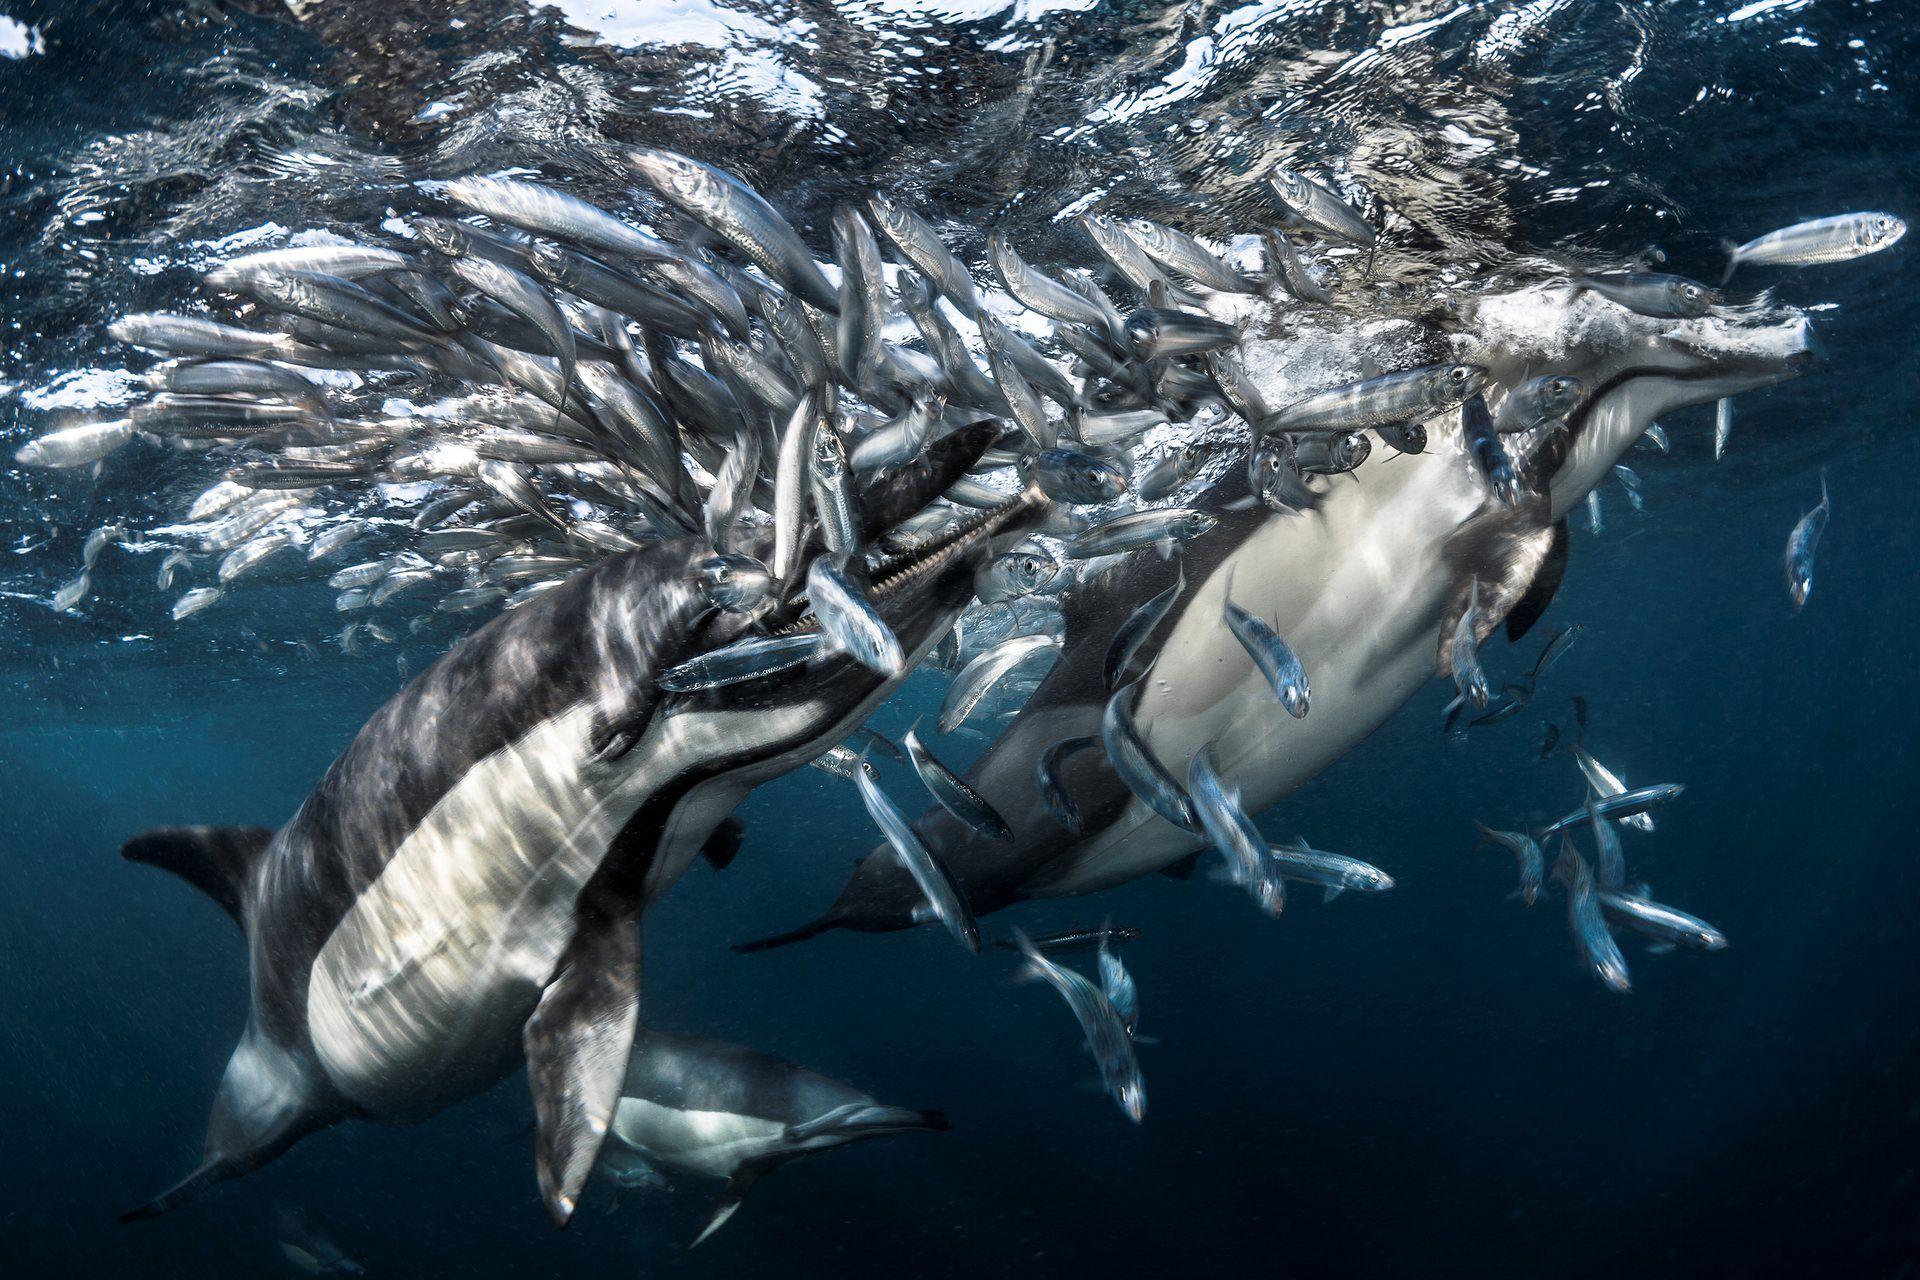 Hình ảnh cá heo đẹp, ngoạn mục dưới đáy đại dương